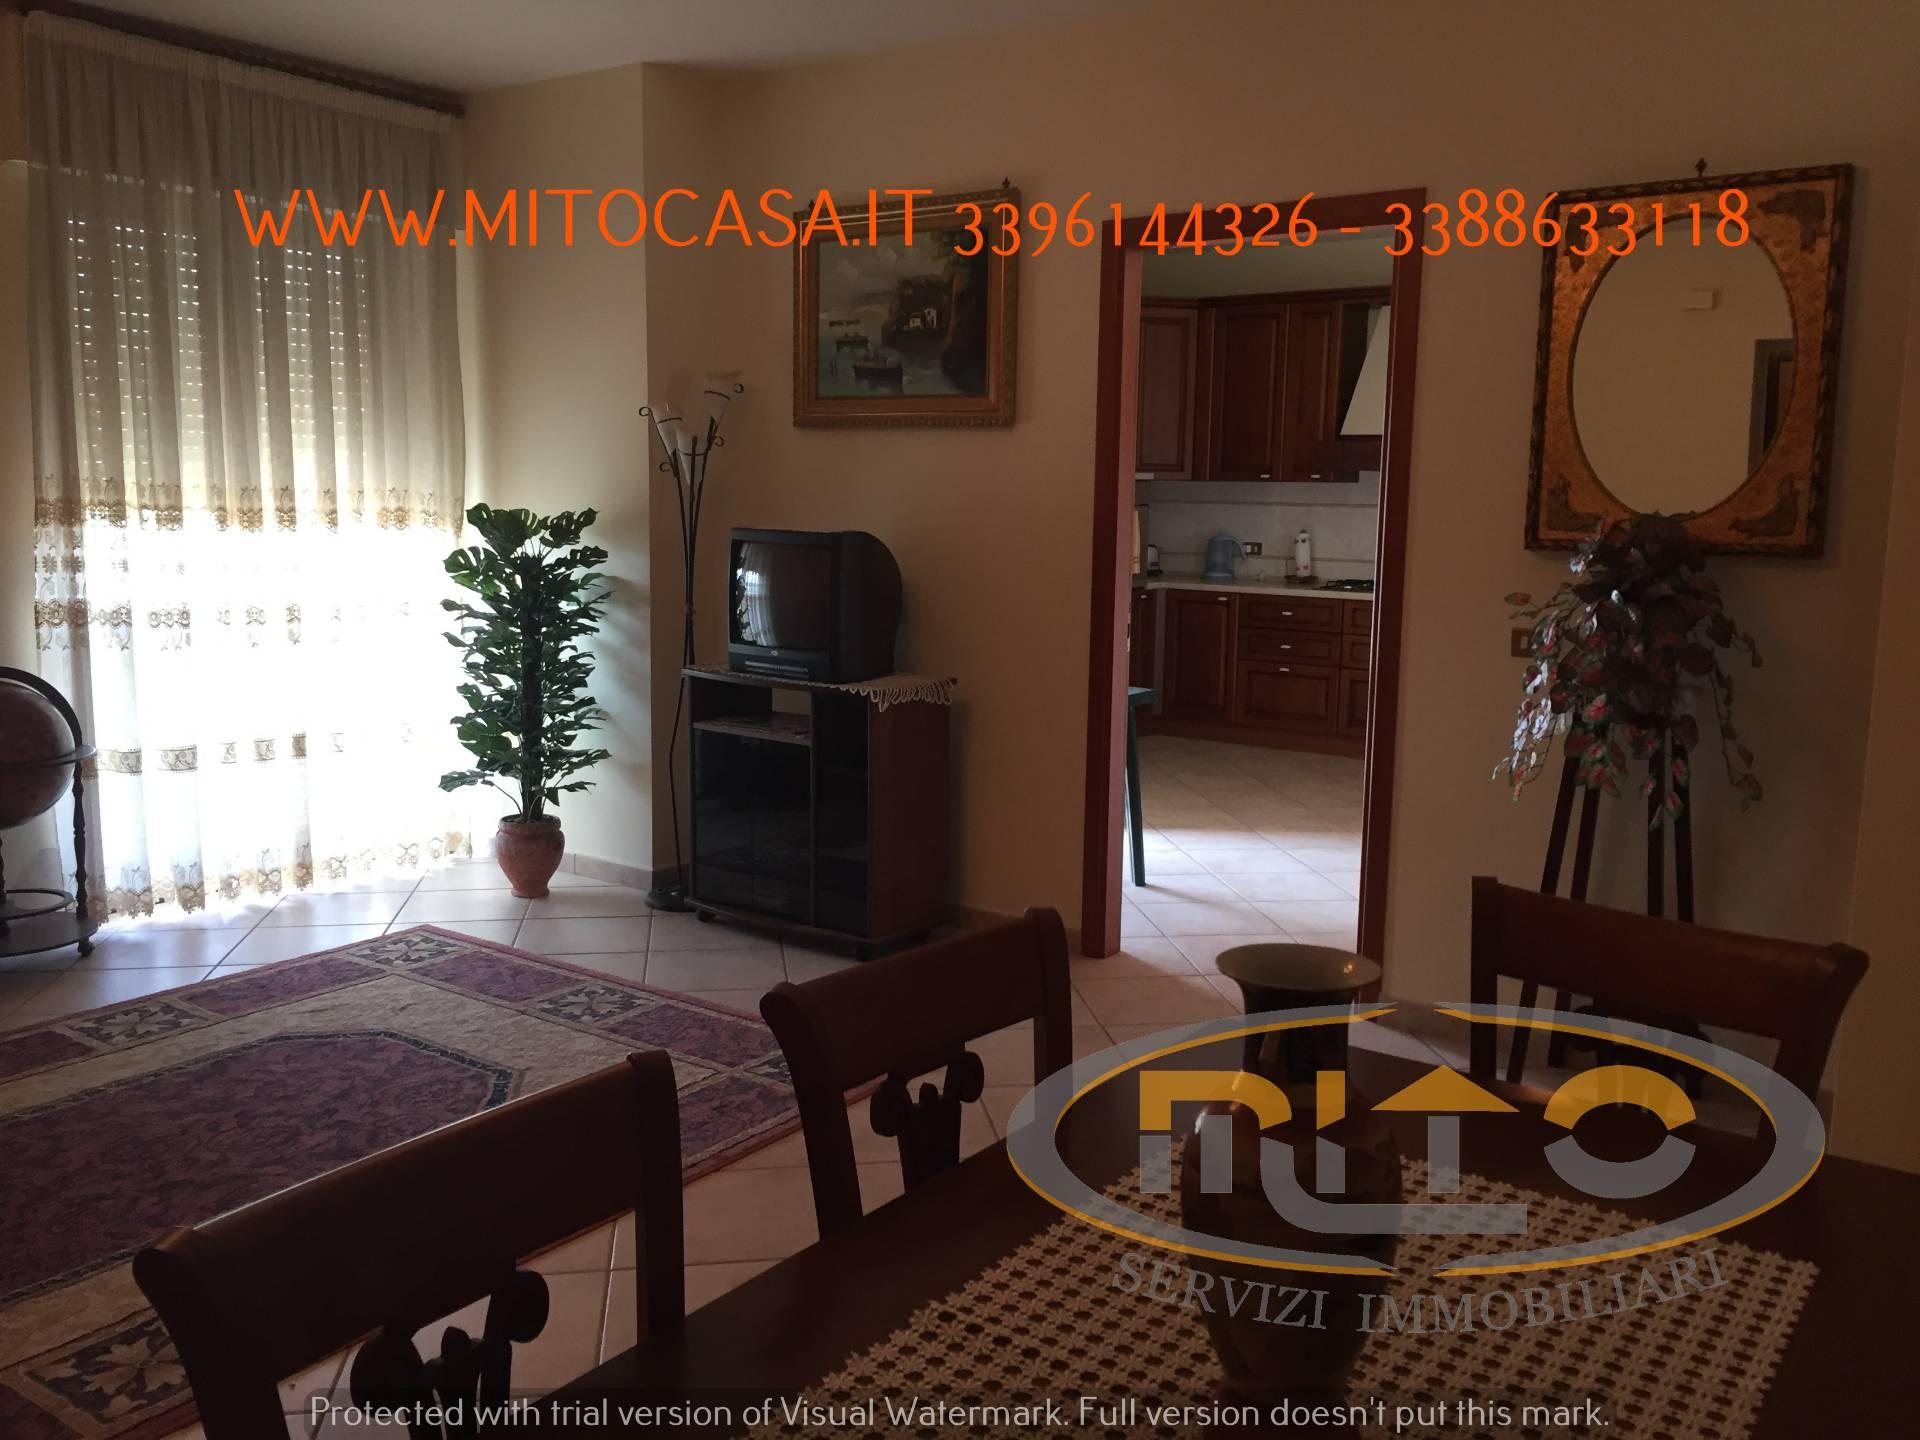 Appartamento in vendita a Telese Terme, 6 locali, prezzo € 95.000 | CambioCasa.it